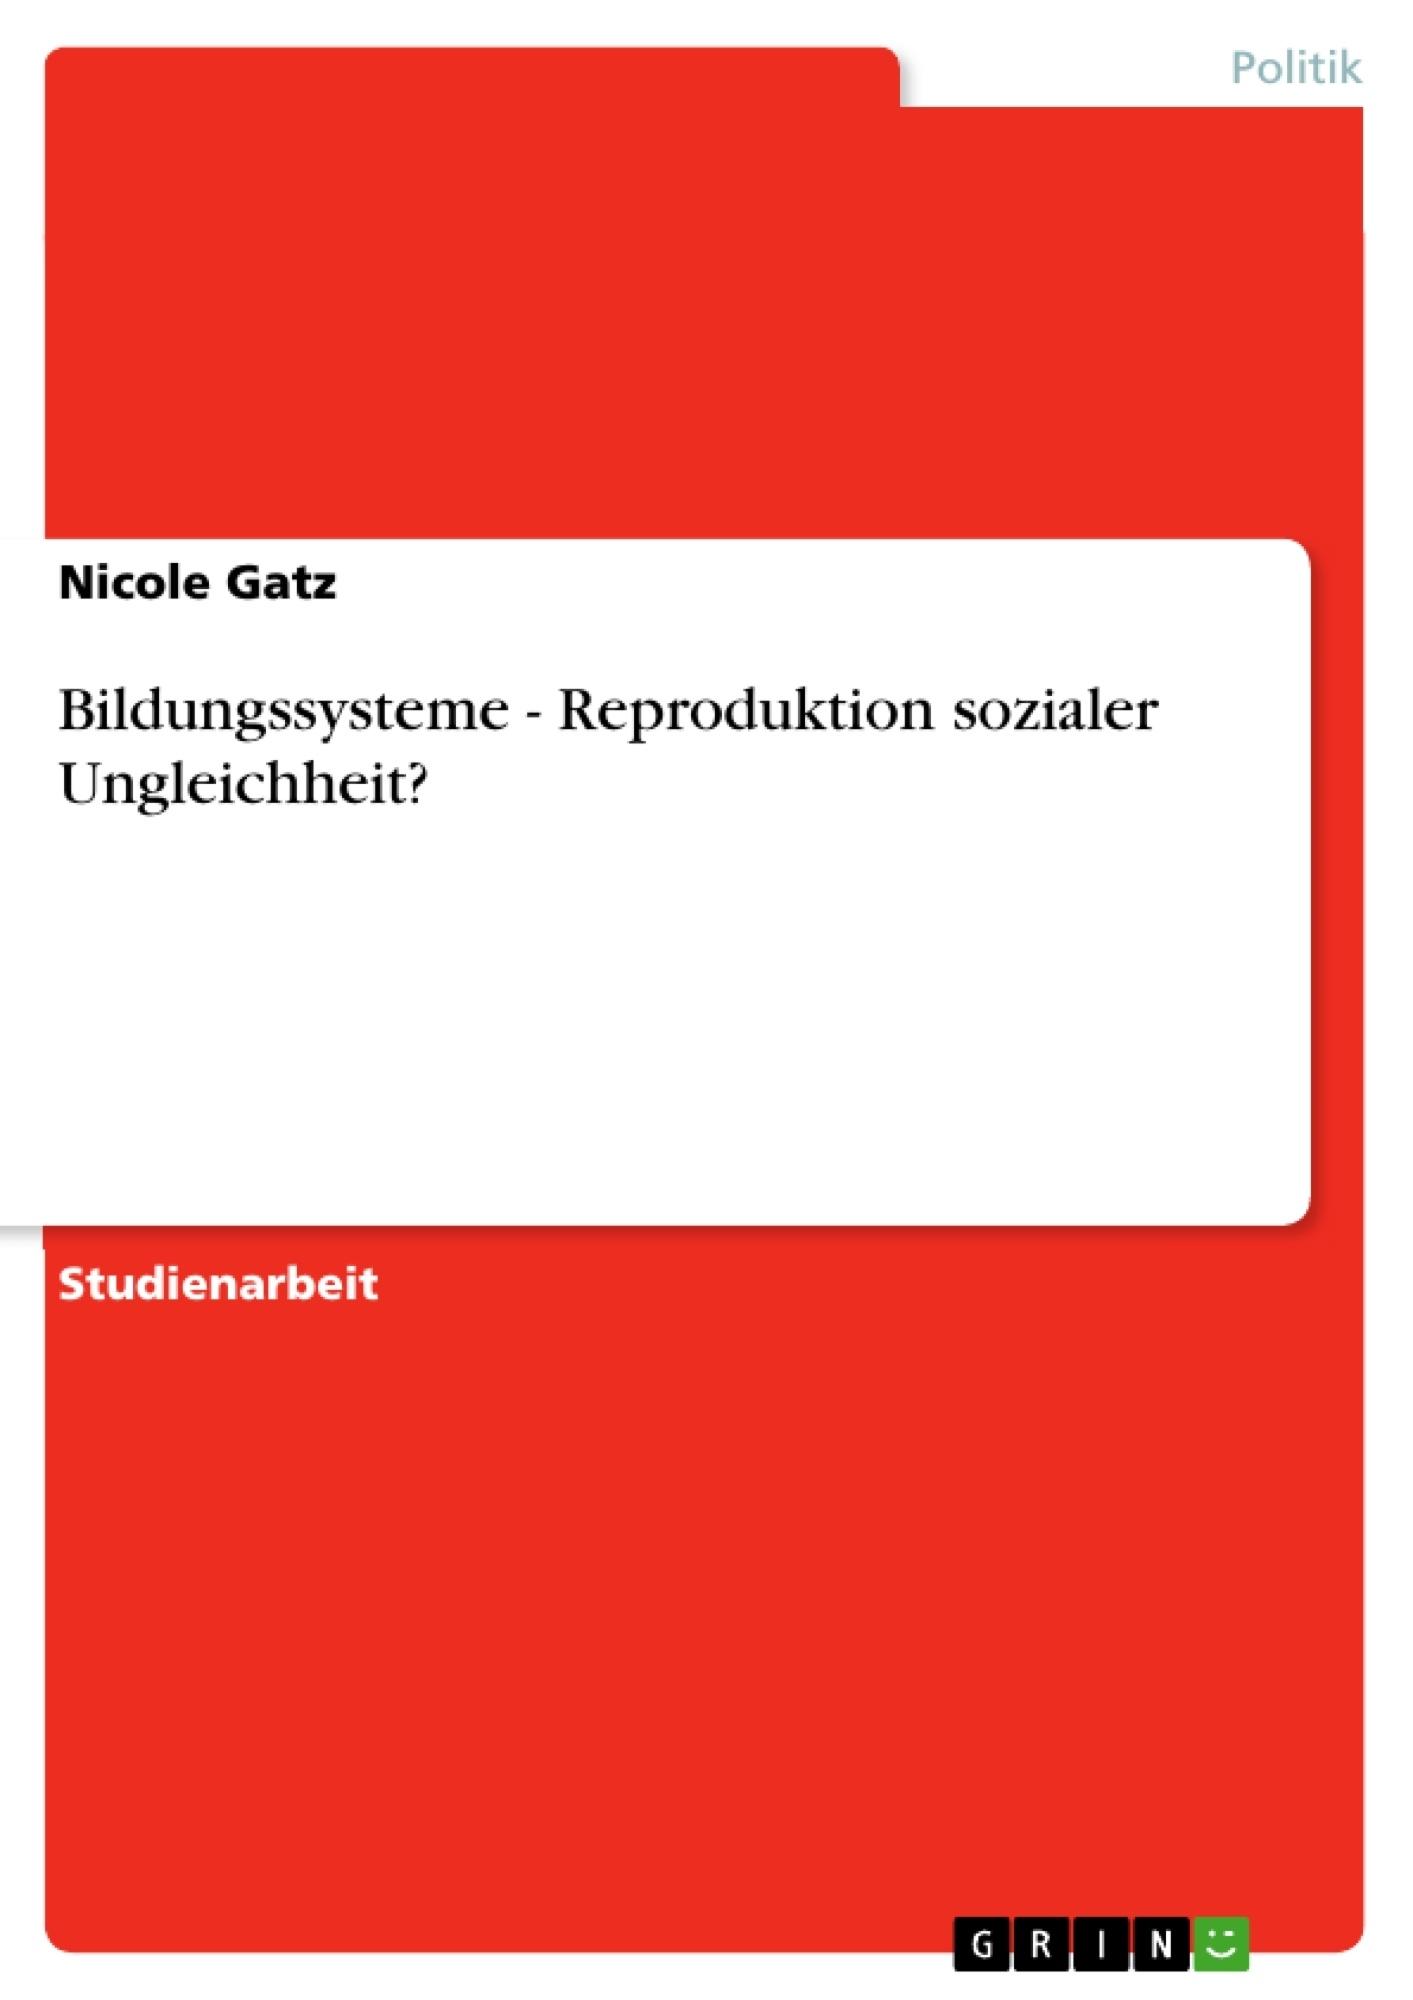 Titel: Bildungssysteme - Reproduktion sozialer Ungleichheit?